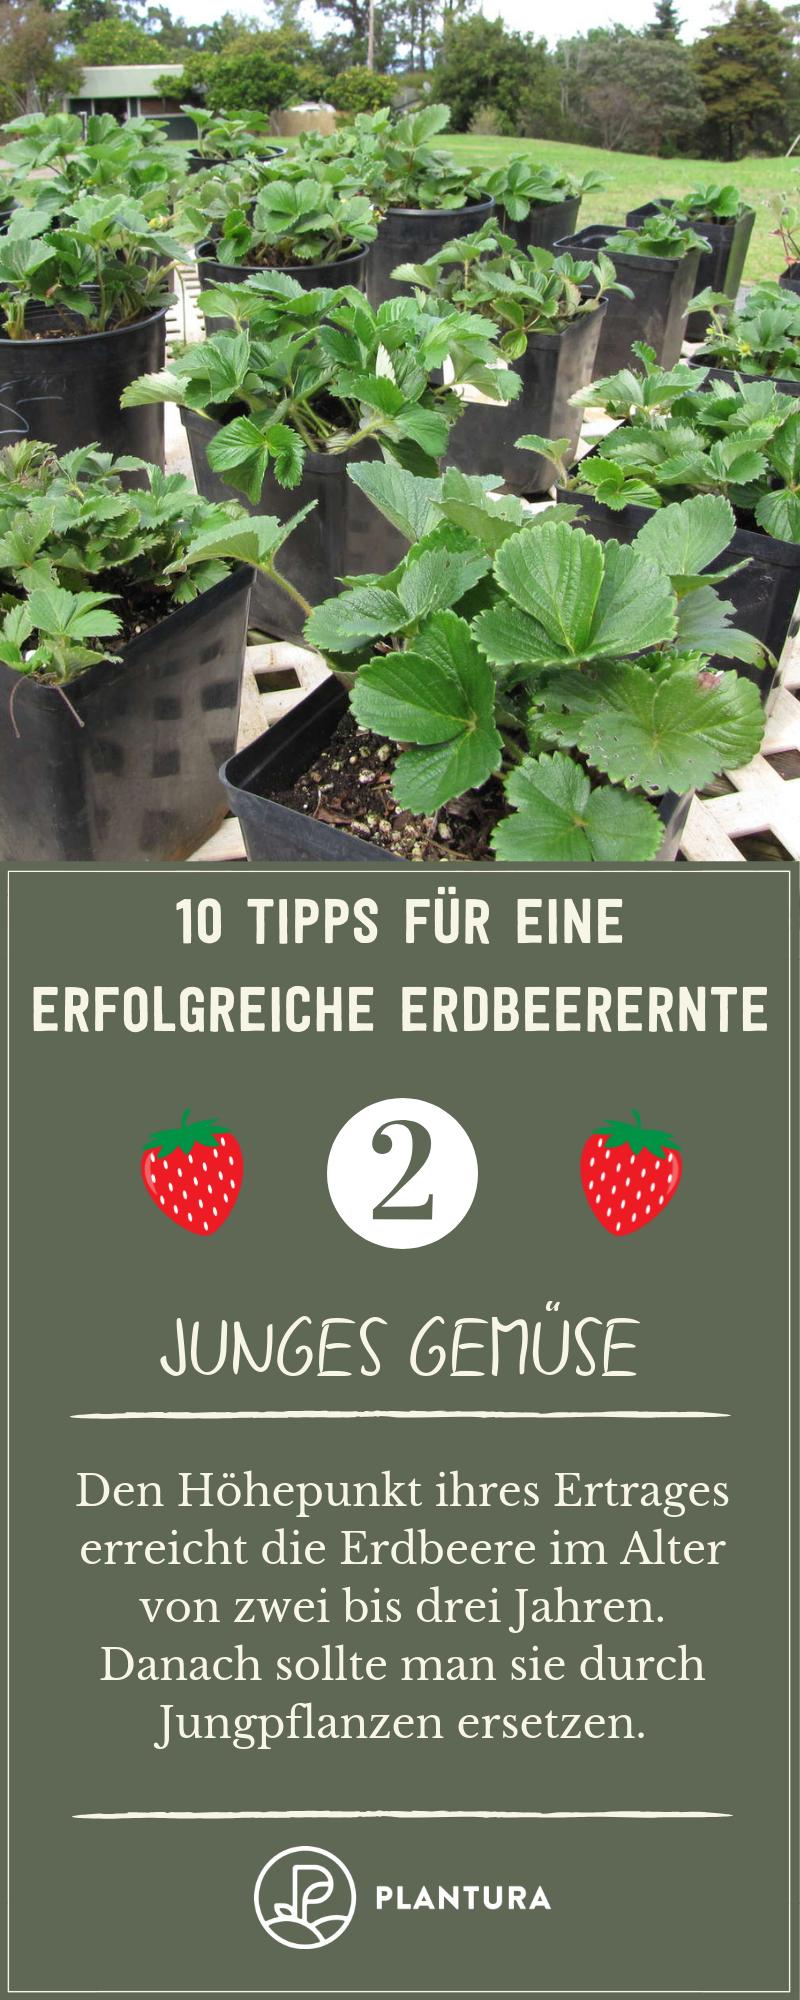 10 Tipps für eine erfolgreiche Erdbeerernte – Plantura   – Ernte aus dem eigenen Garten